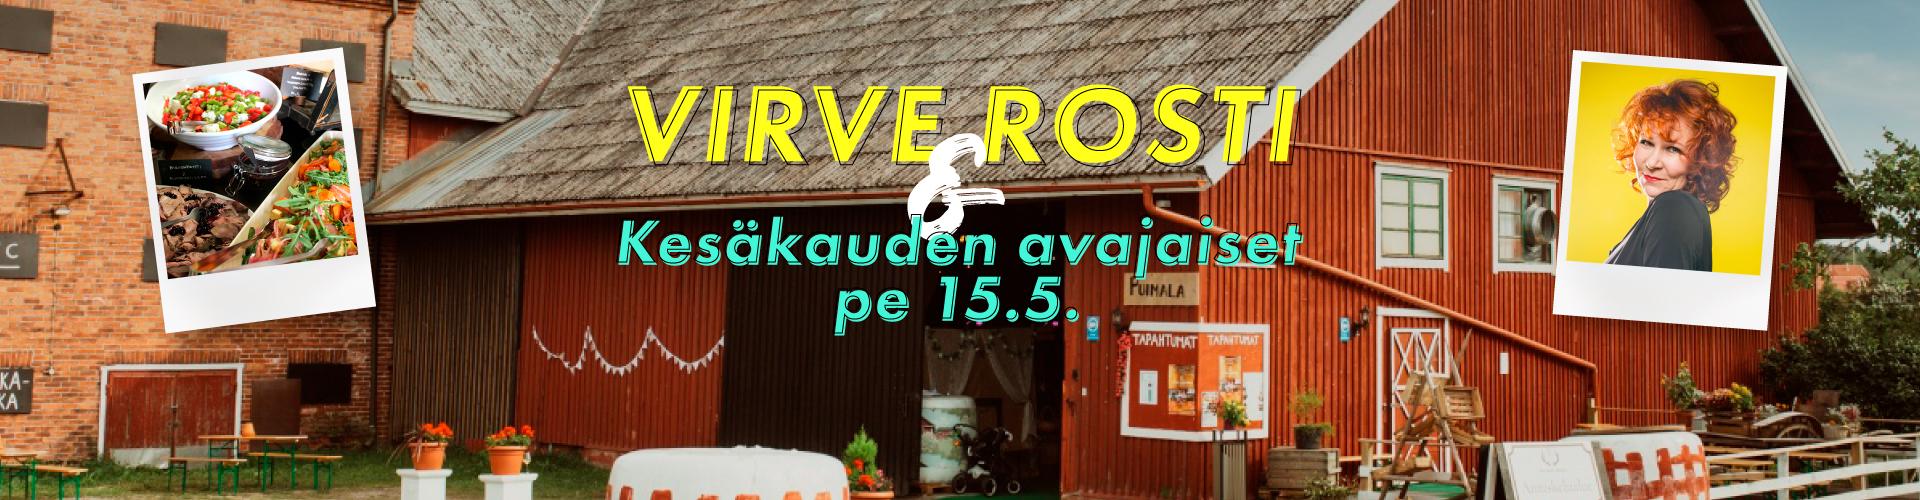 Virve Rosti & Kesäkauden avajaiset 15.5